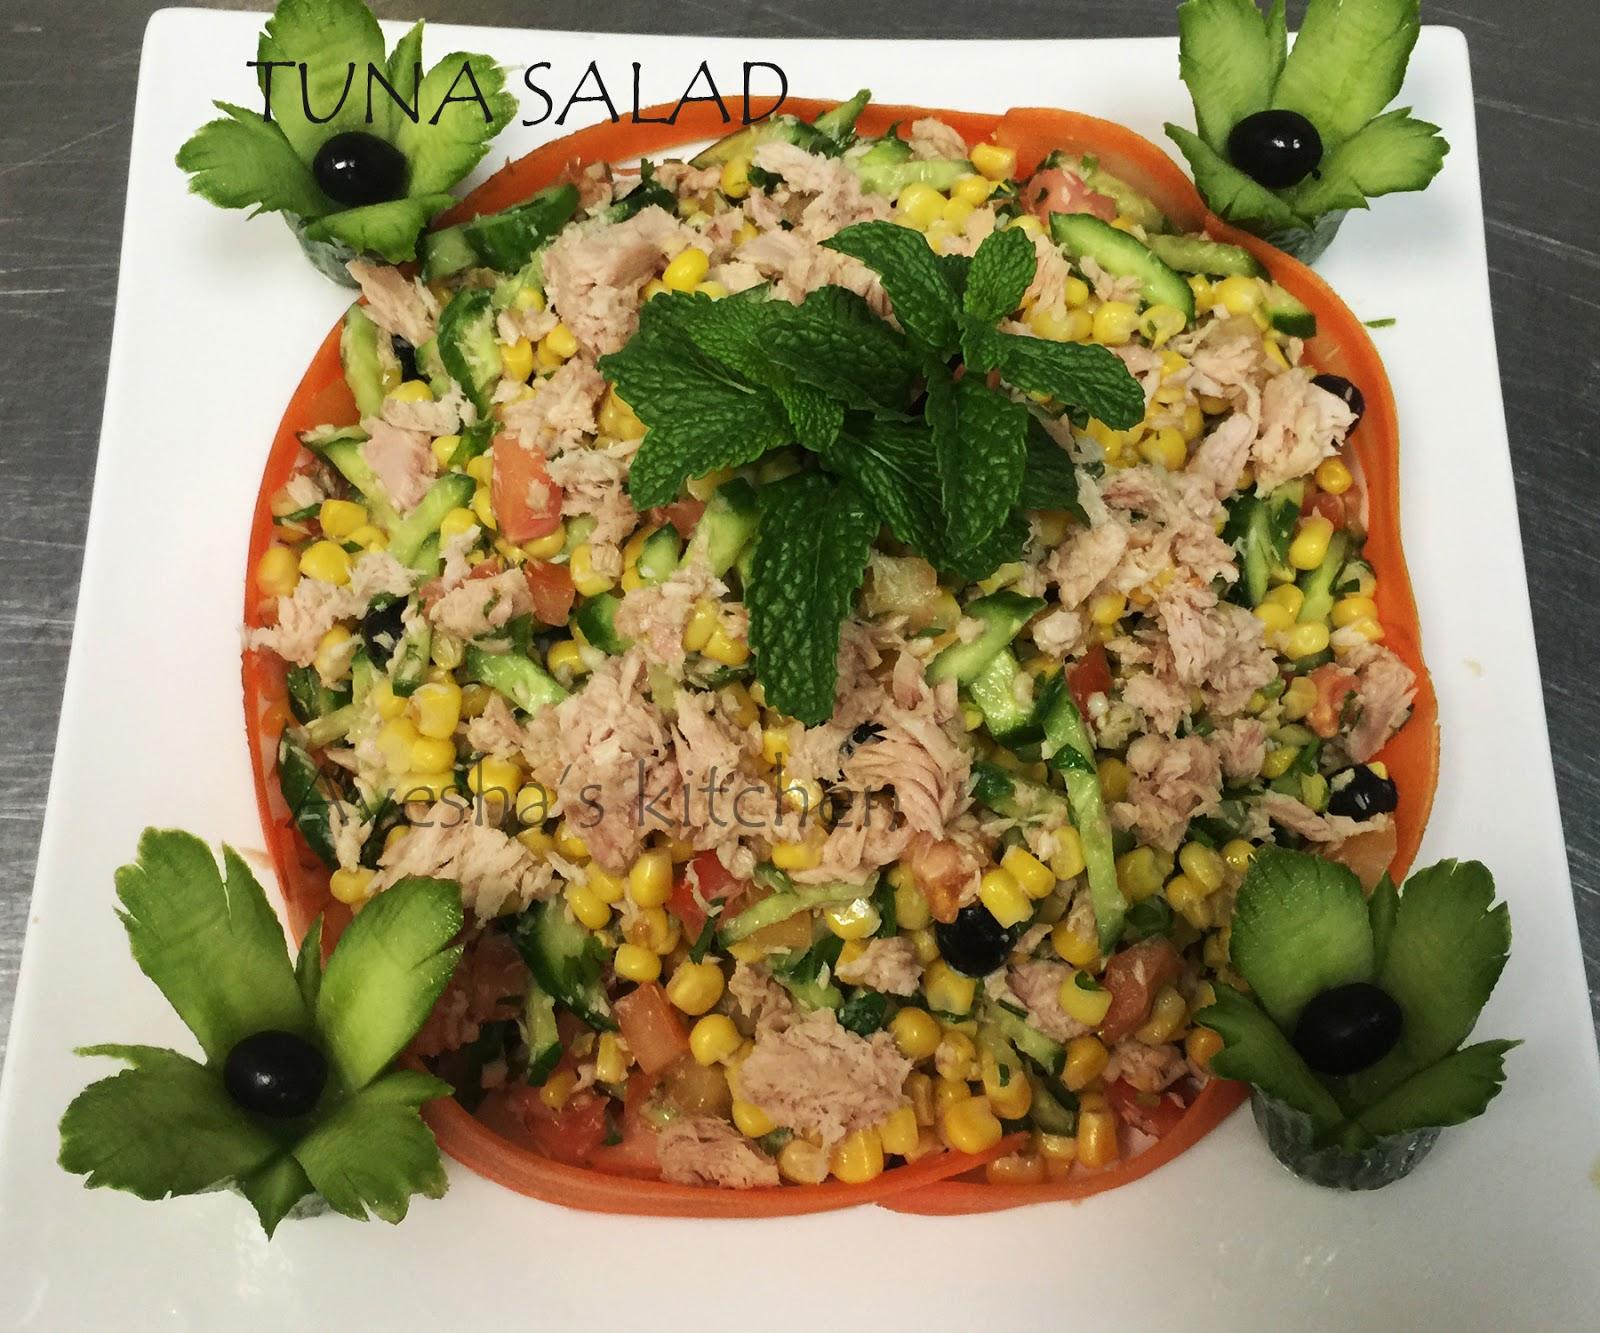 Salad Recipes Tuna Salad Healthy Salad Recipes